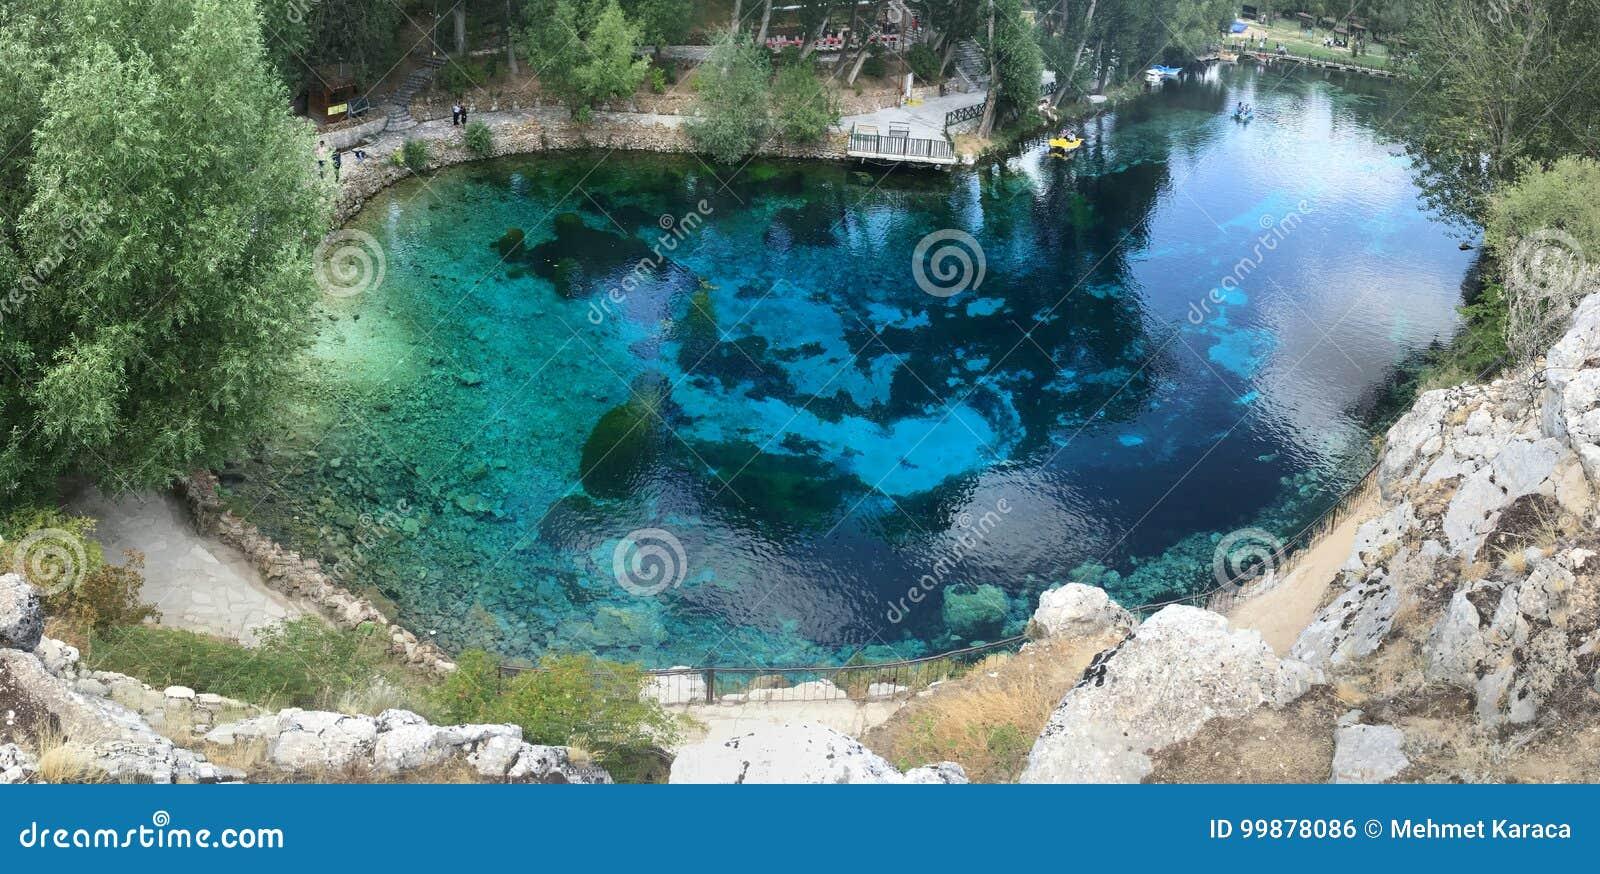 Blue Lake in Turkey